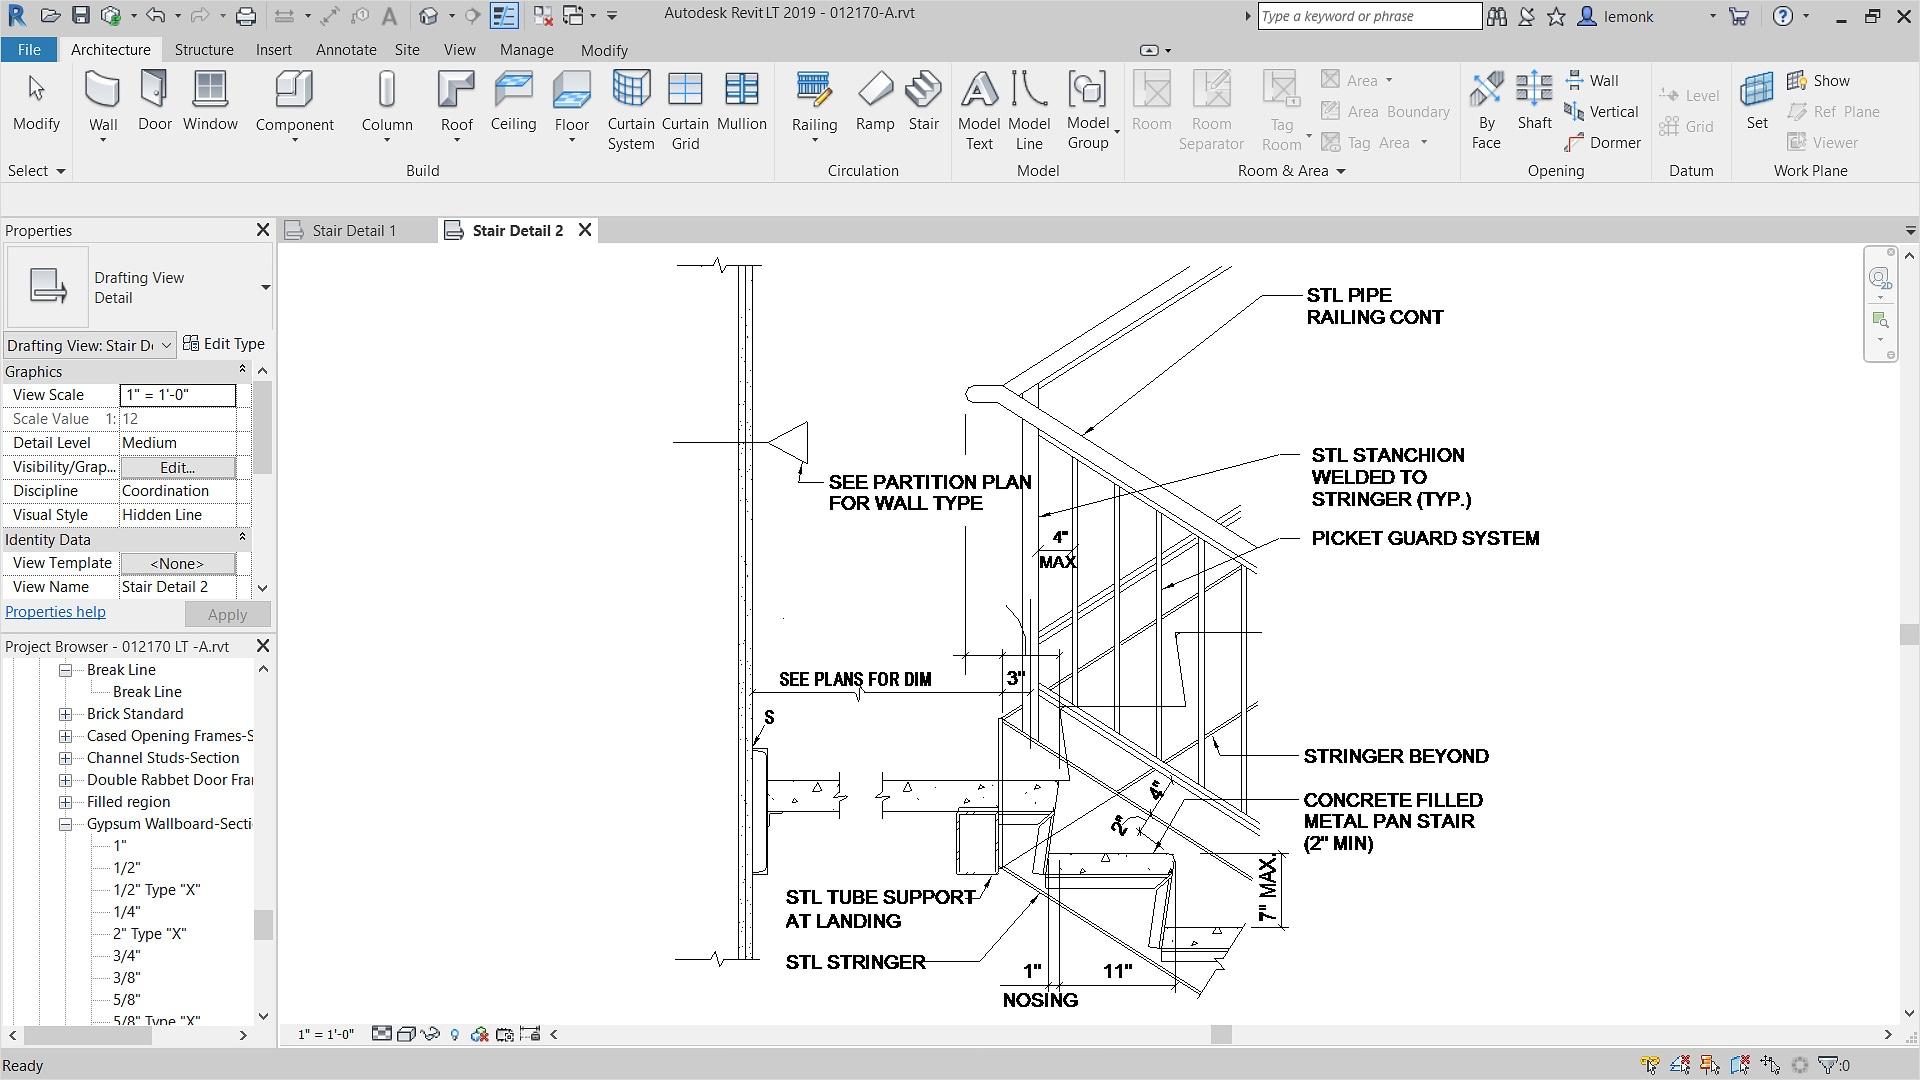 Único Reanudar Descarga De Diseño En Línea Fotos - Ejemplo De ...